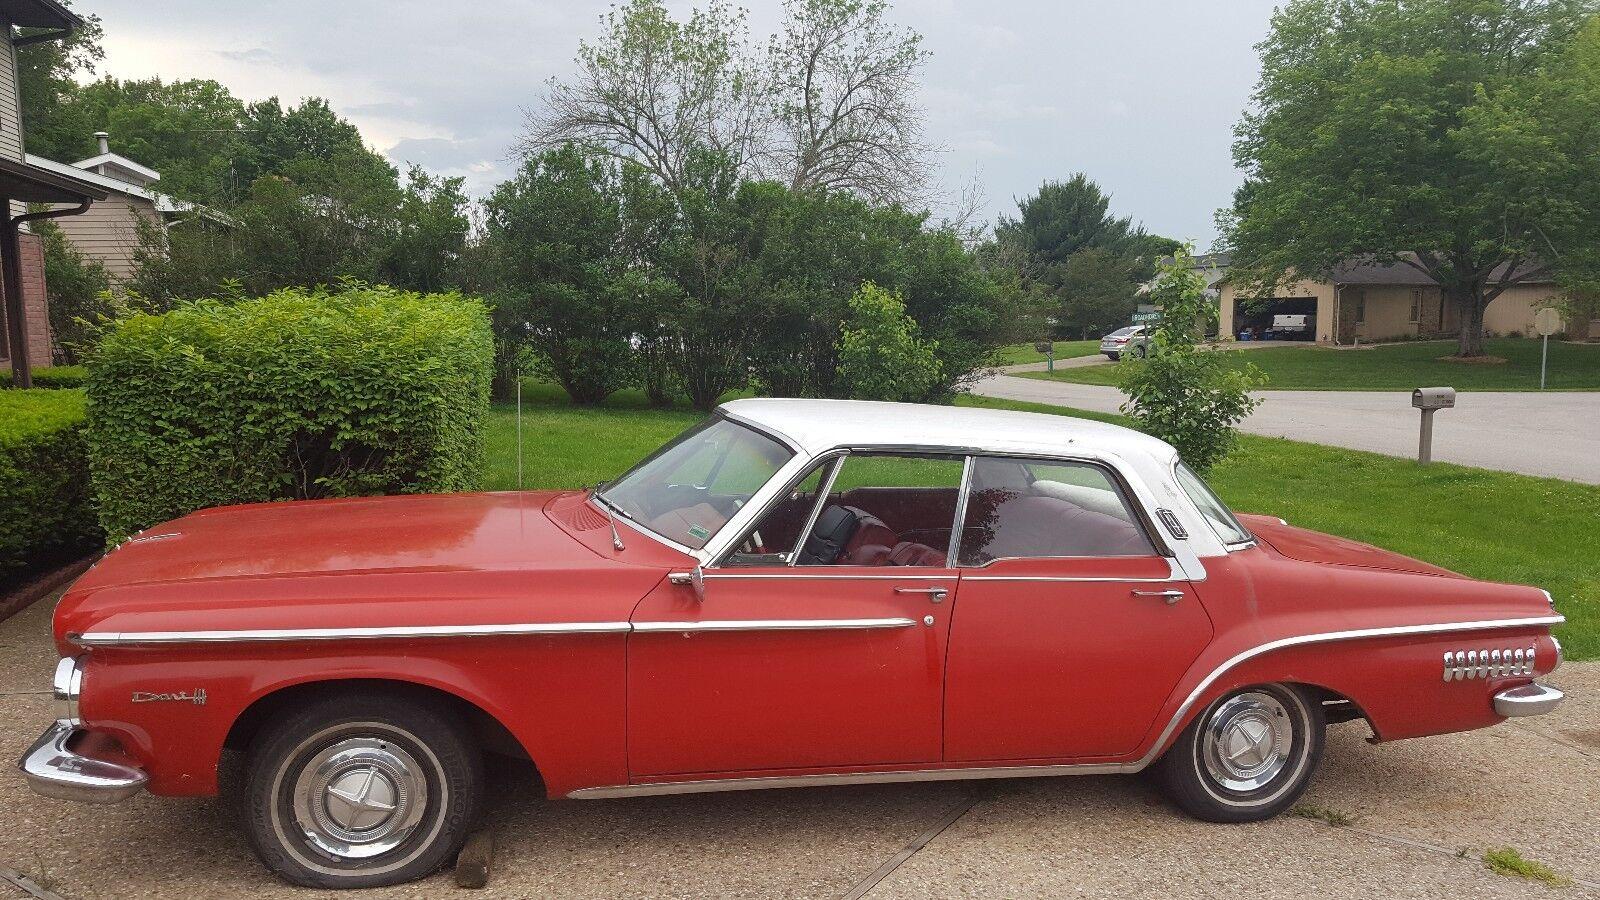 1962 Dodge Dart 440 1962 Dodge Dart 440 4 door open air sedan